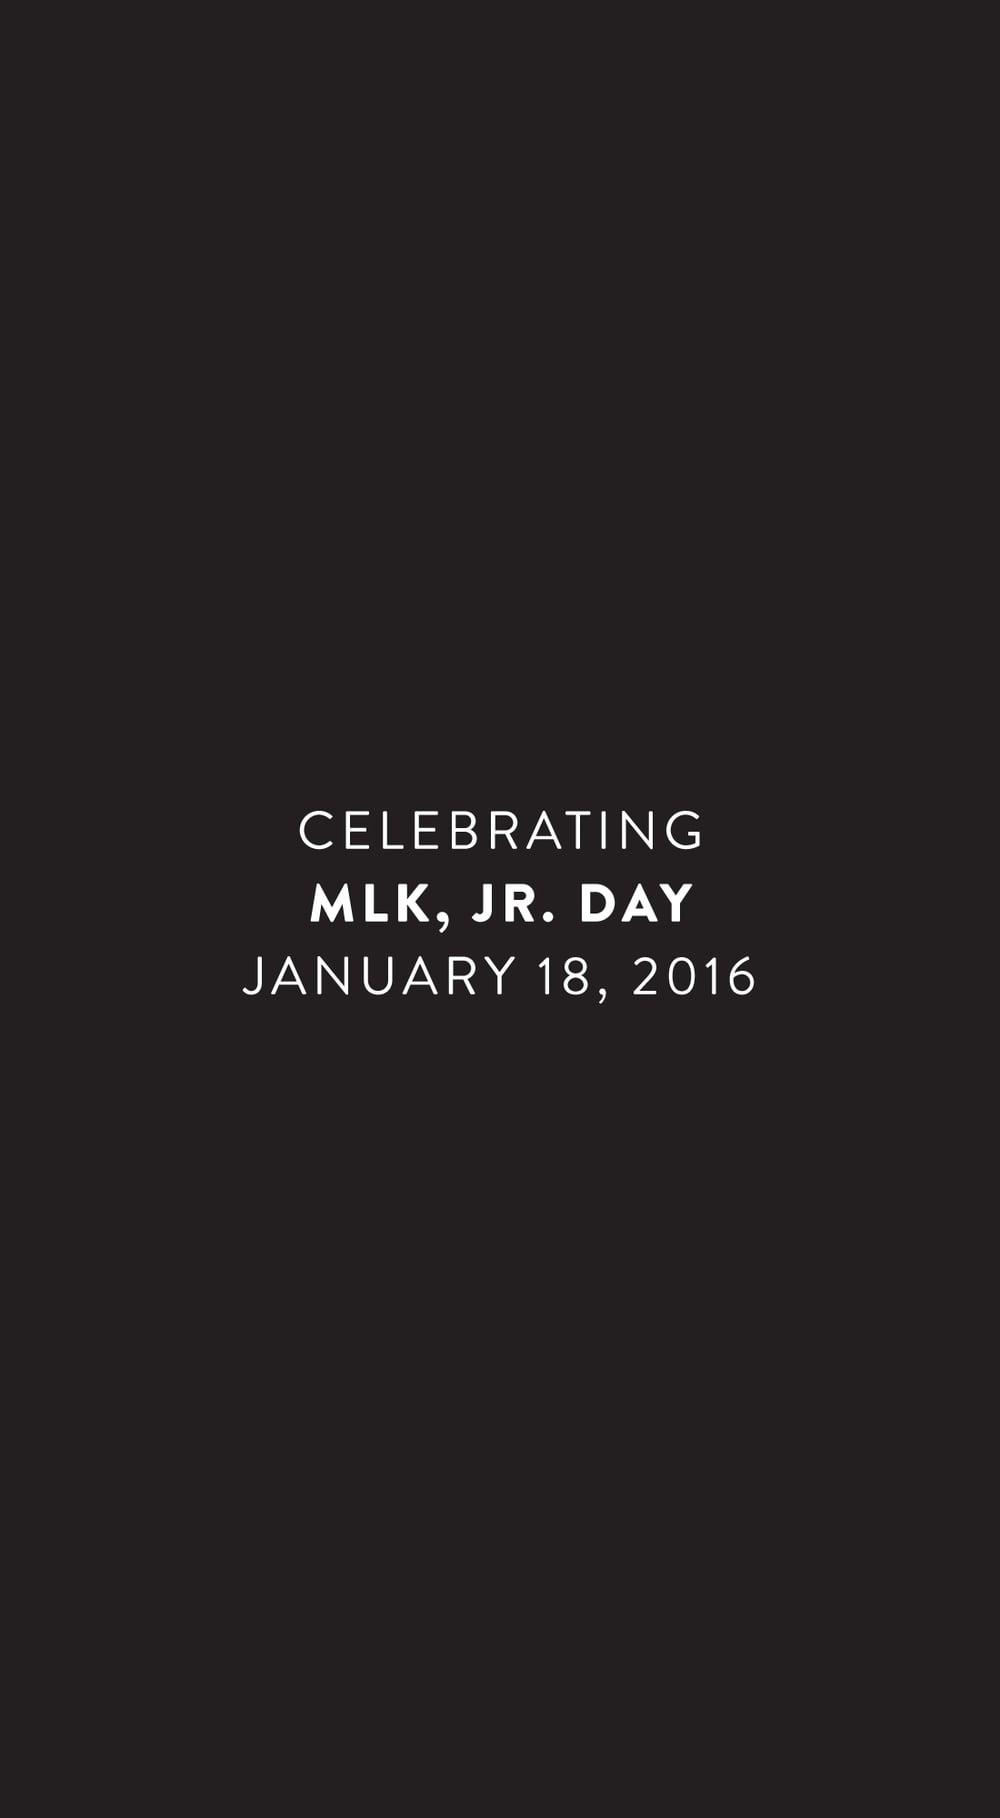 MLK-0.jpg